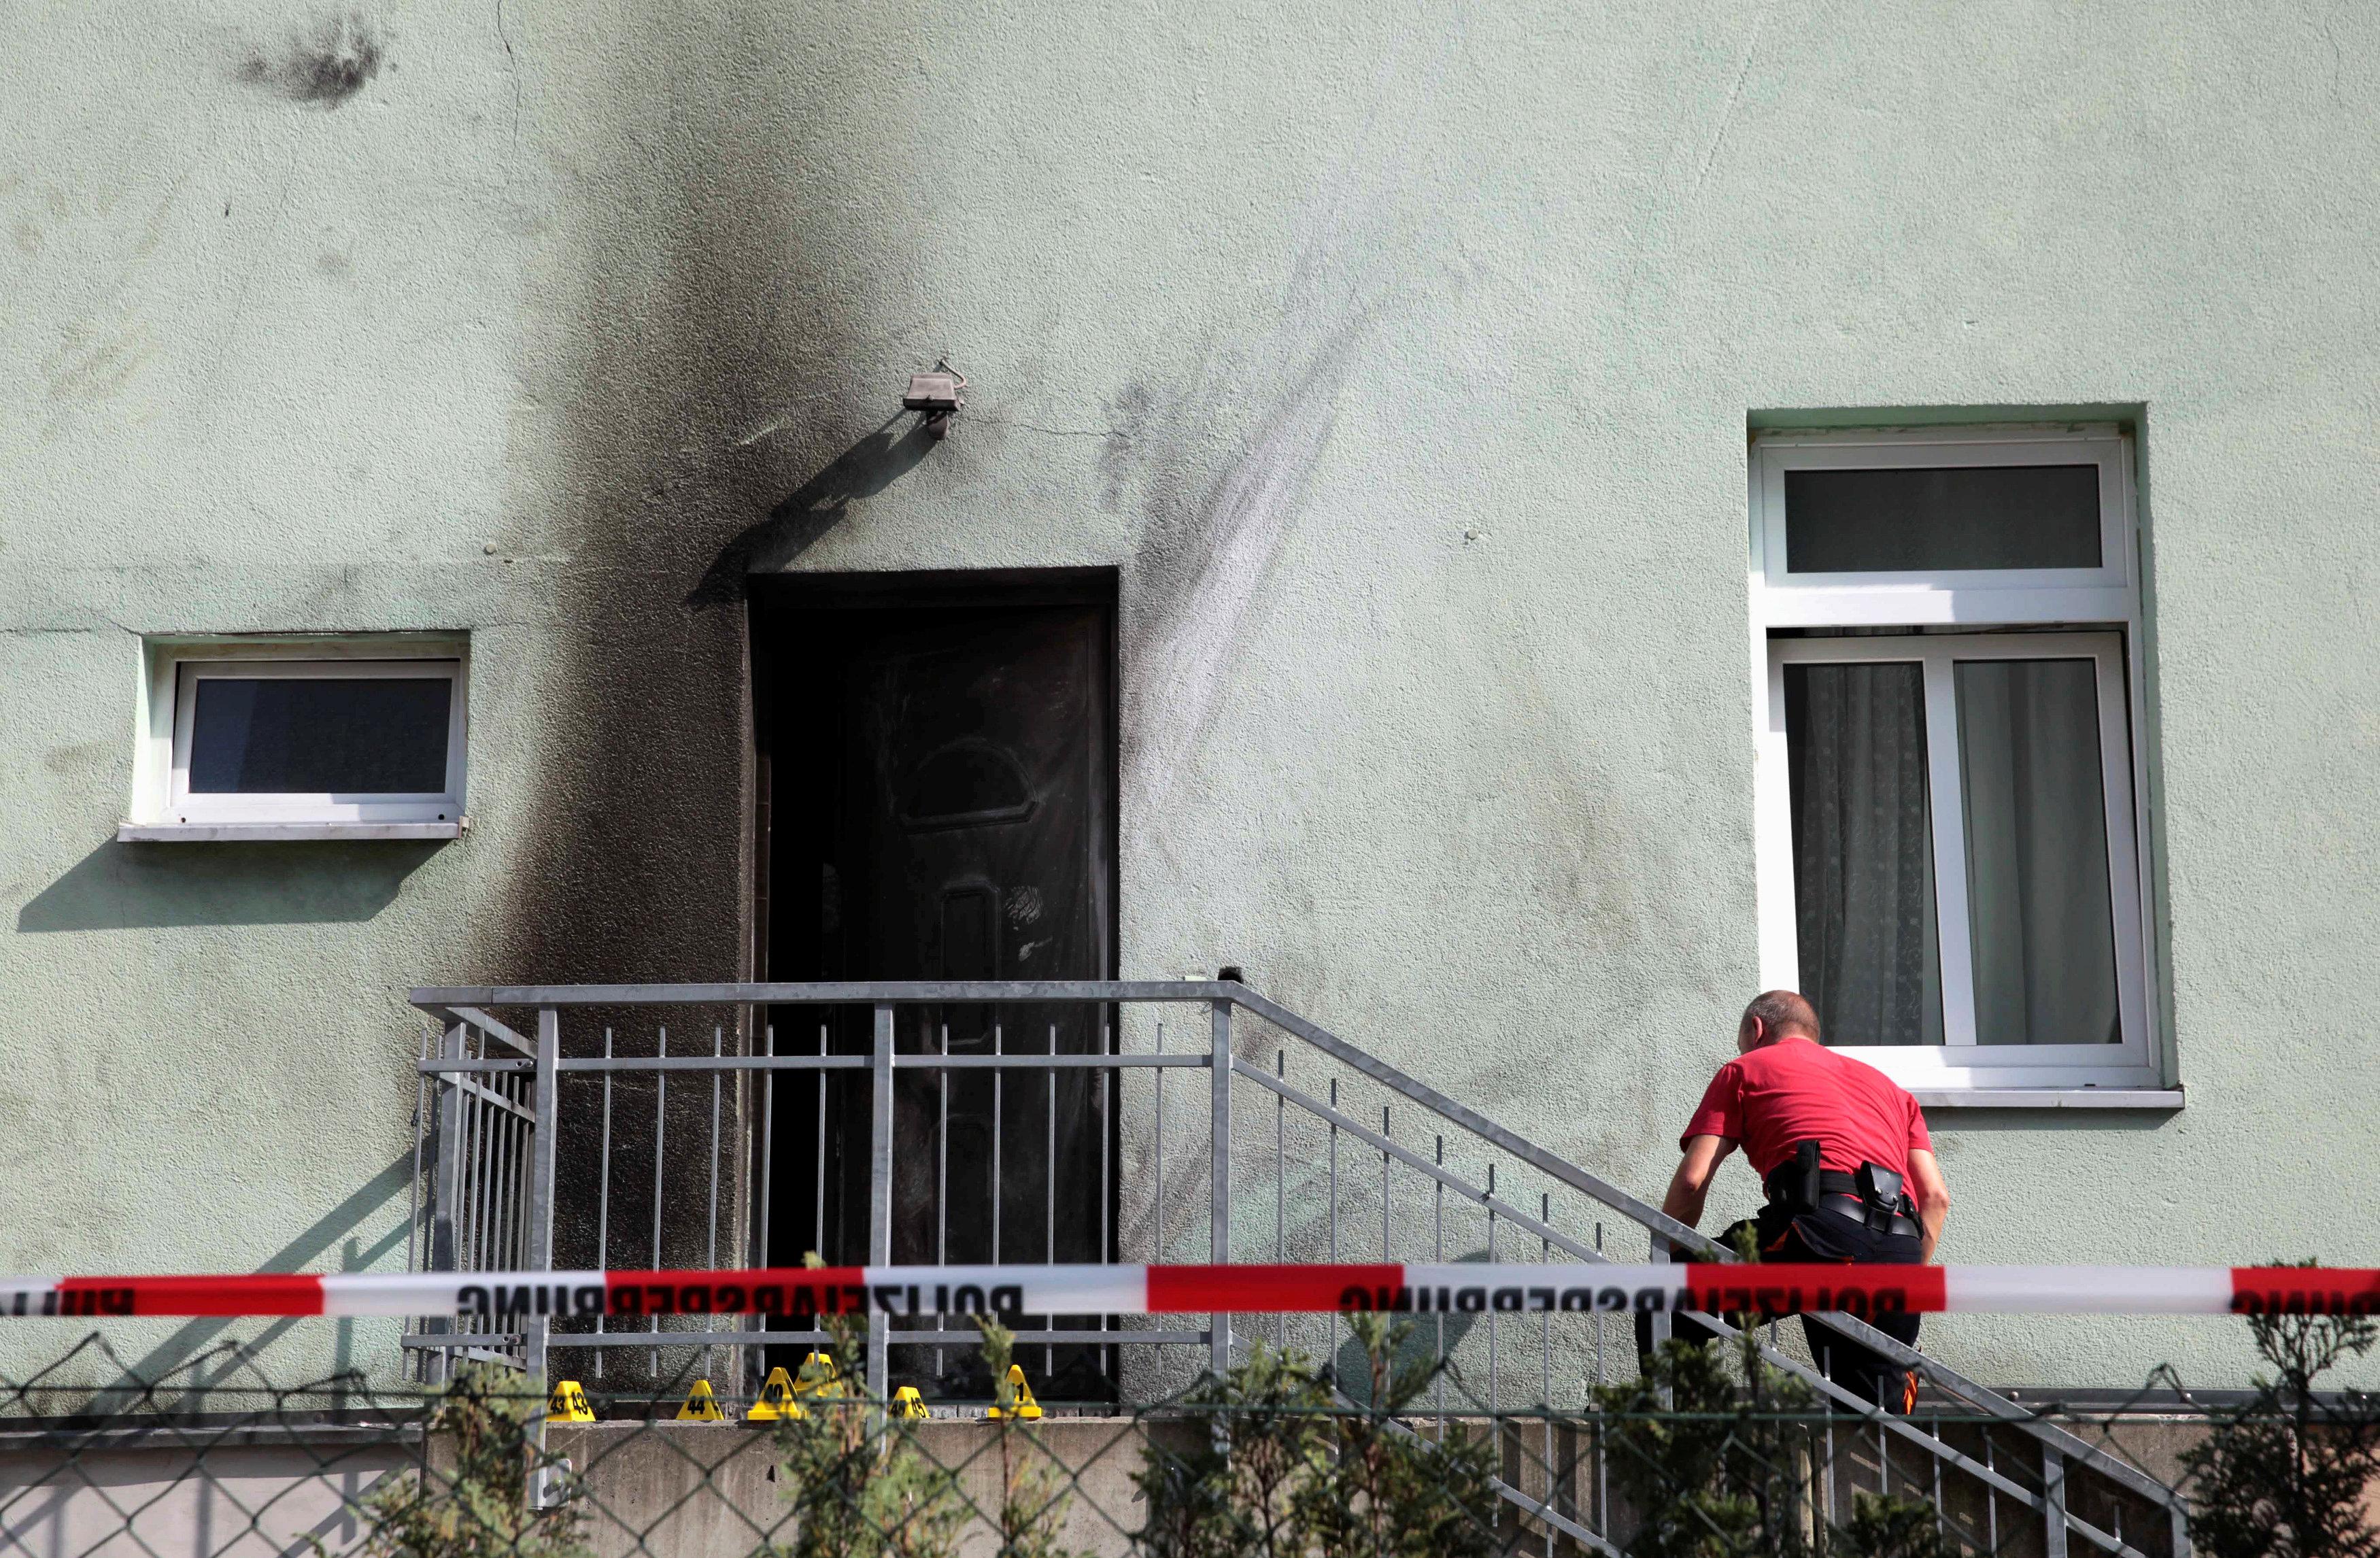 Dos explosiones se registraron en la ciudad de Dresden, la primera en una mezquita y la segunda en Centro Internacional de Congresos